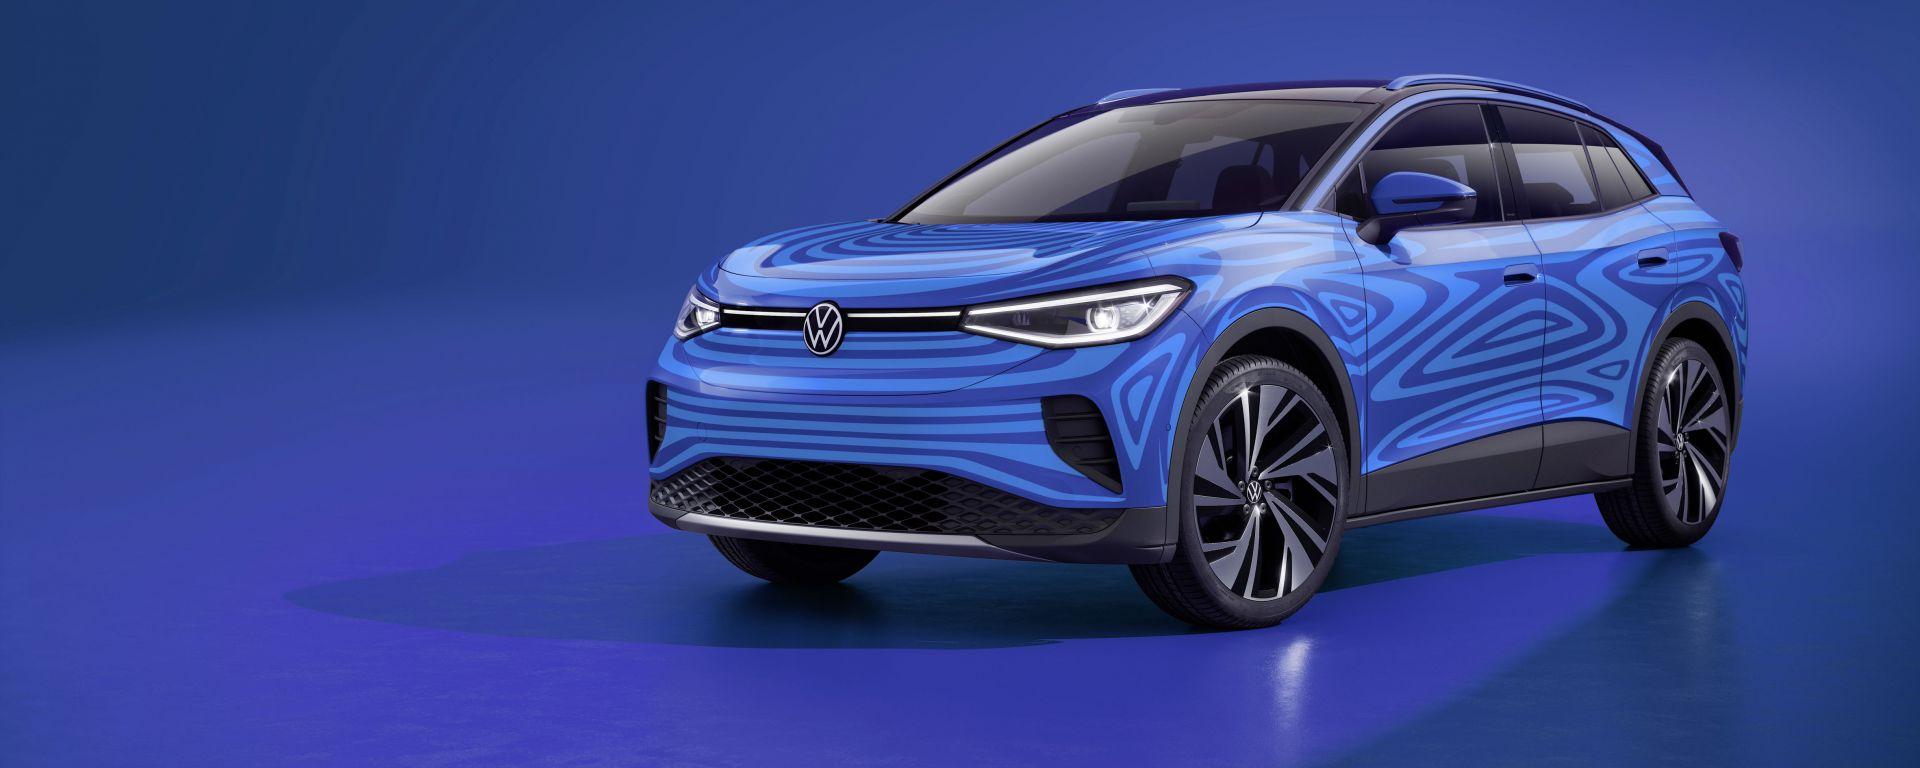 ID.4, il SUV elettrico compatto di Volkswagen